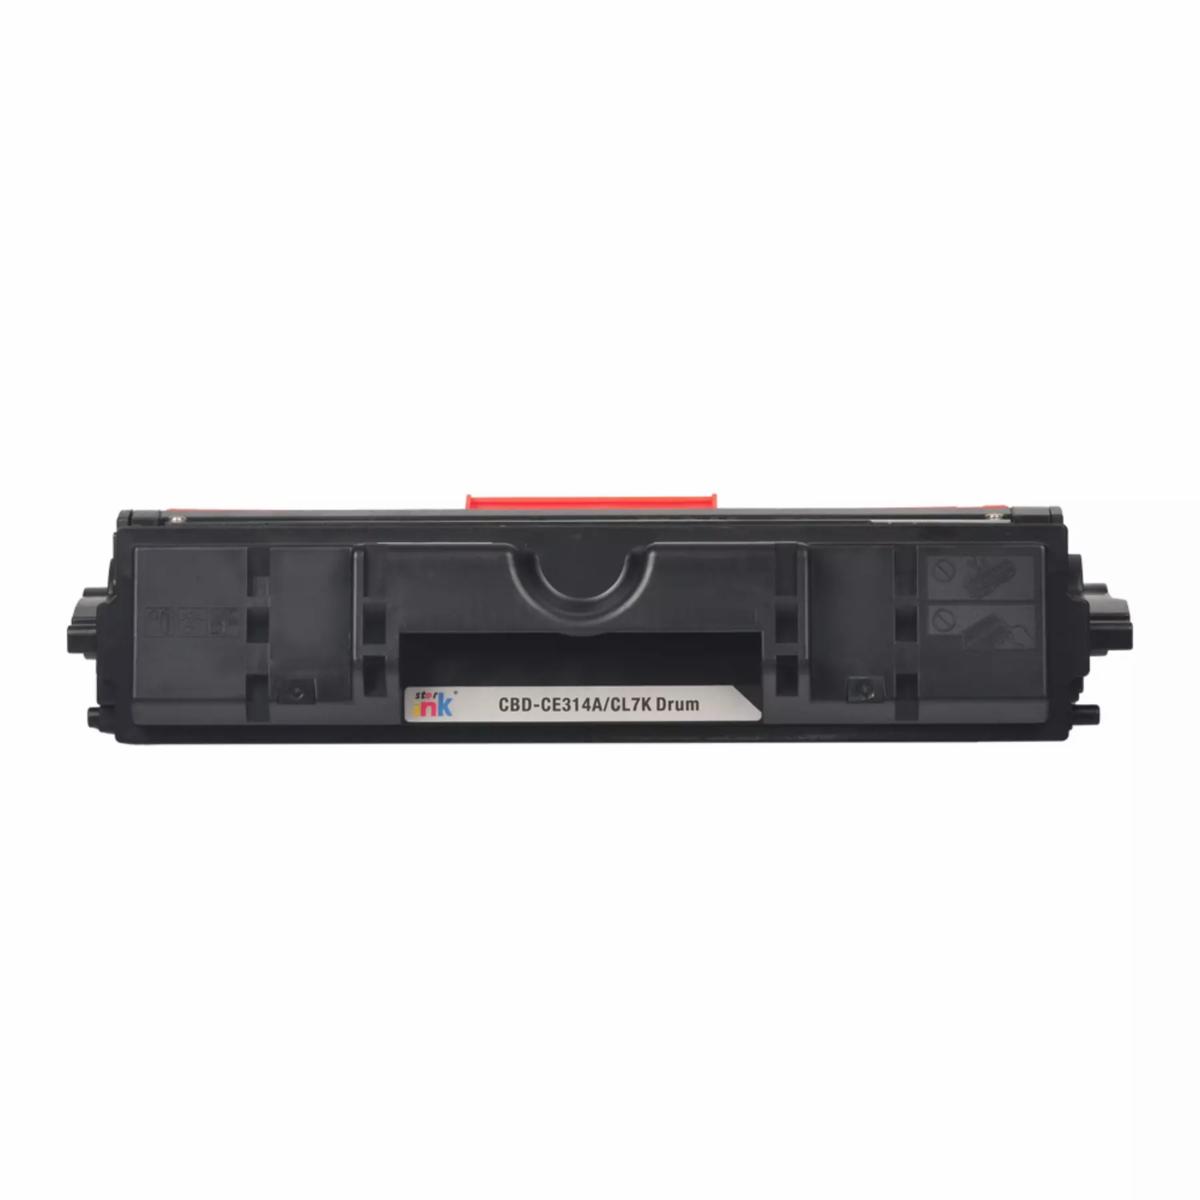 Starink kompatibilný optický valec HP 126A, HP CE314A